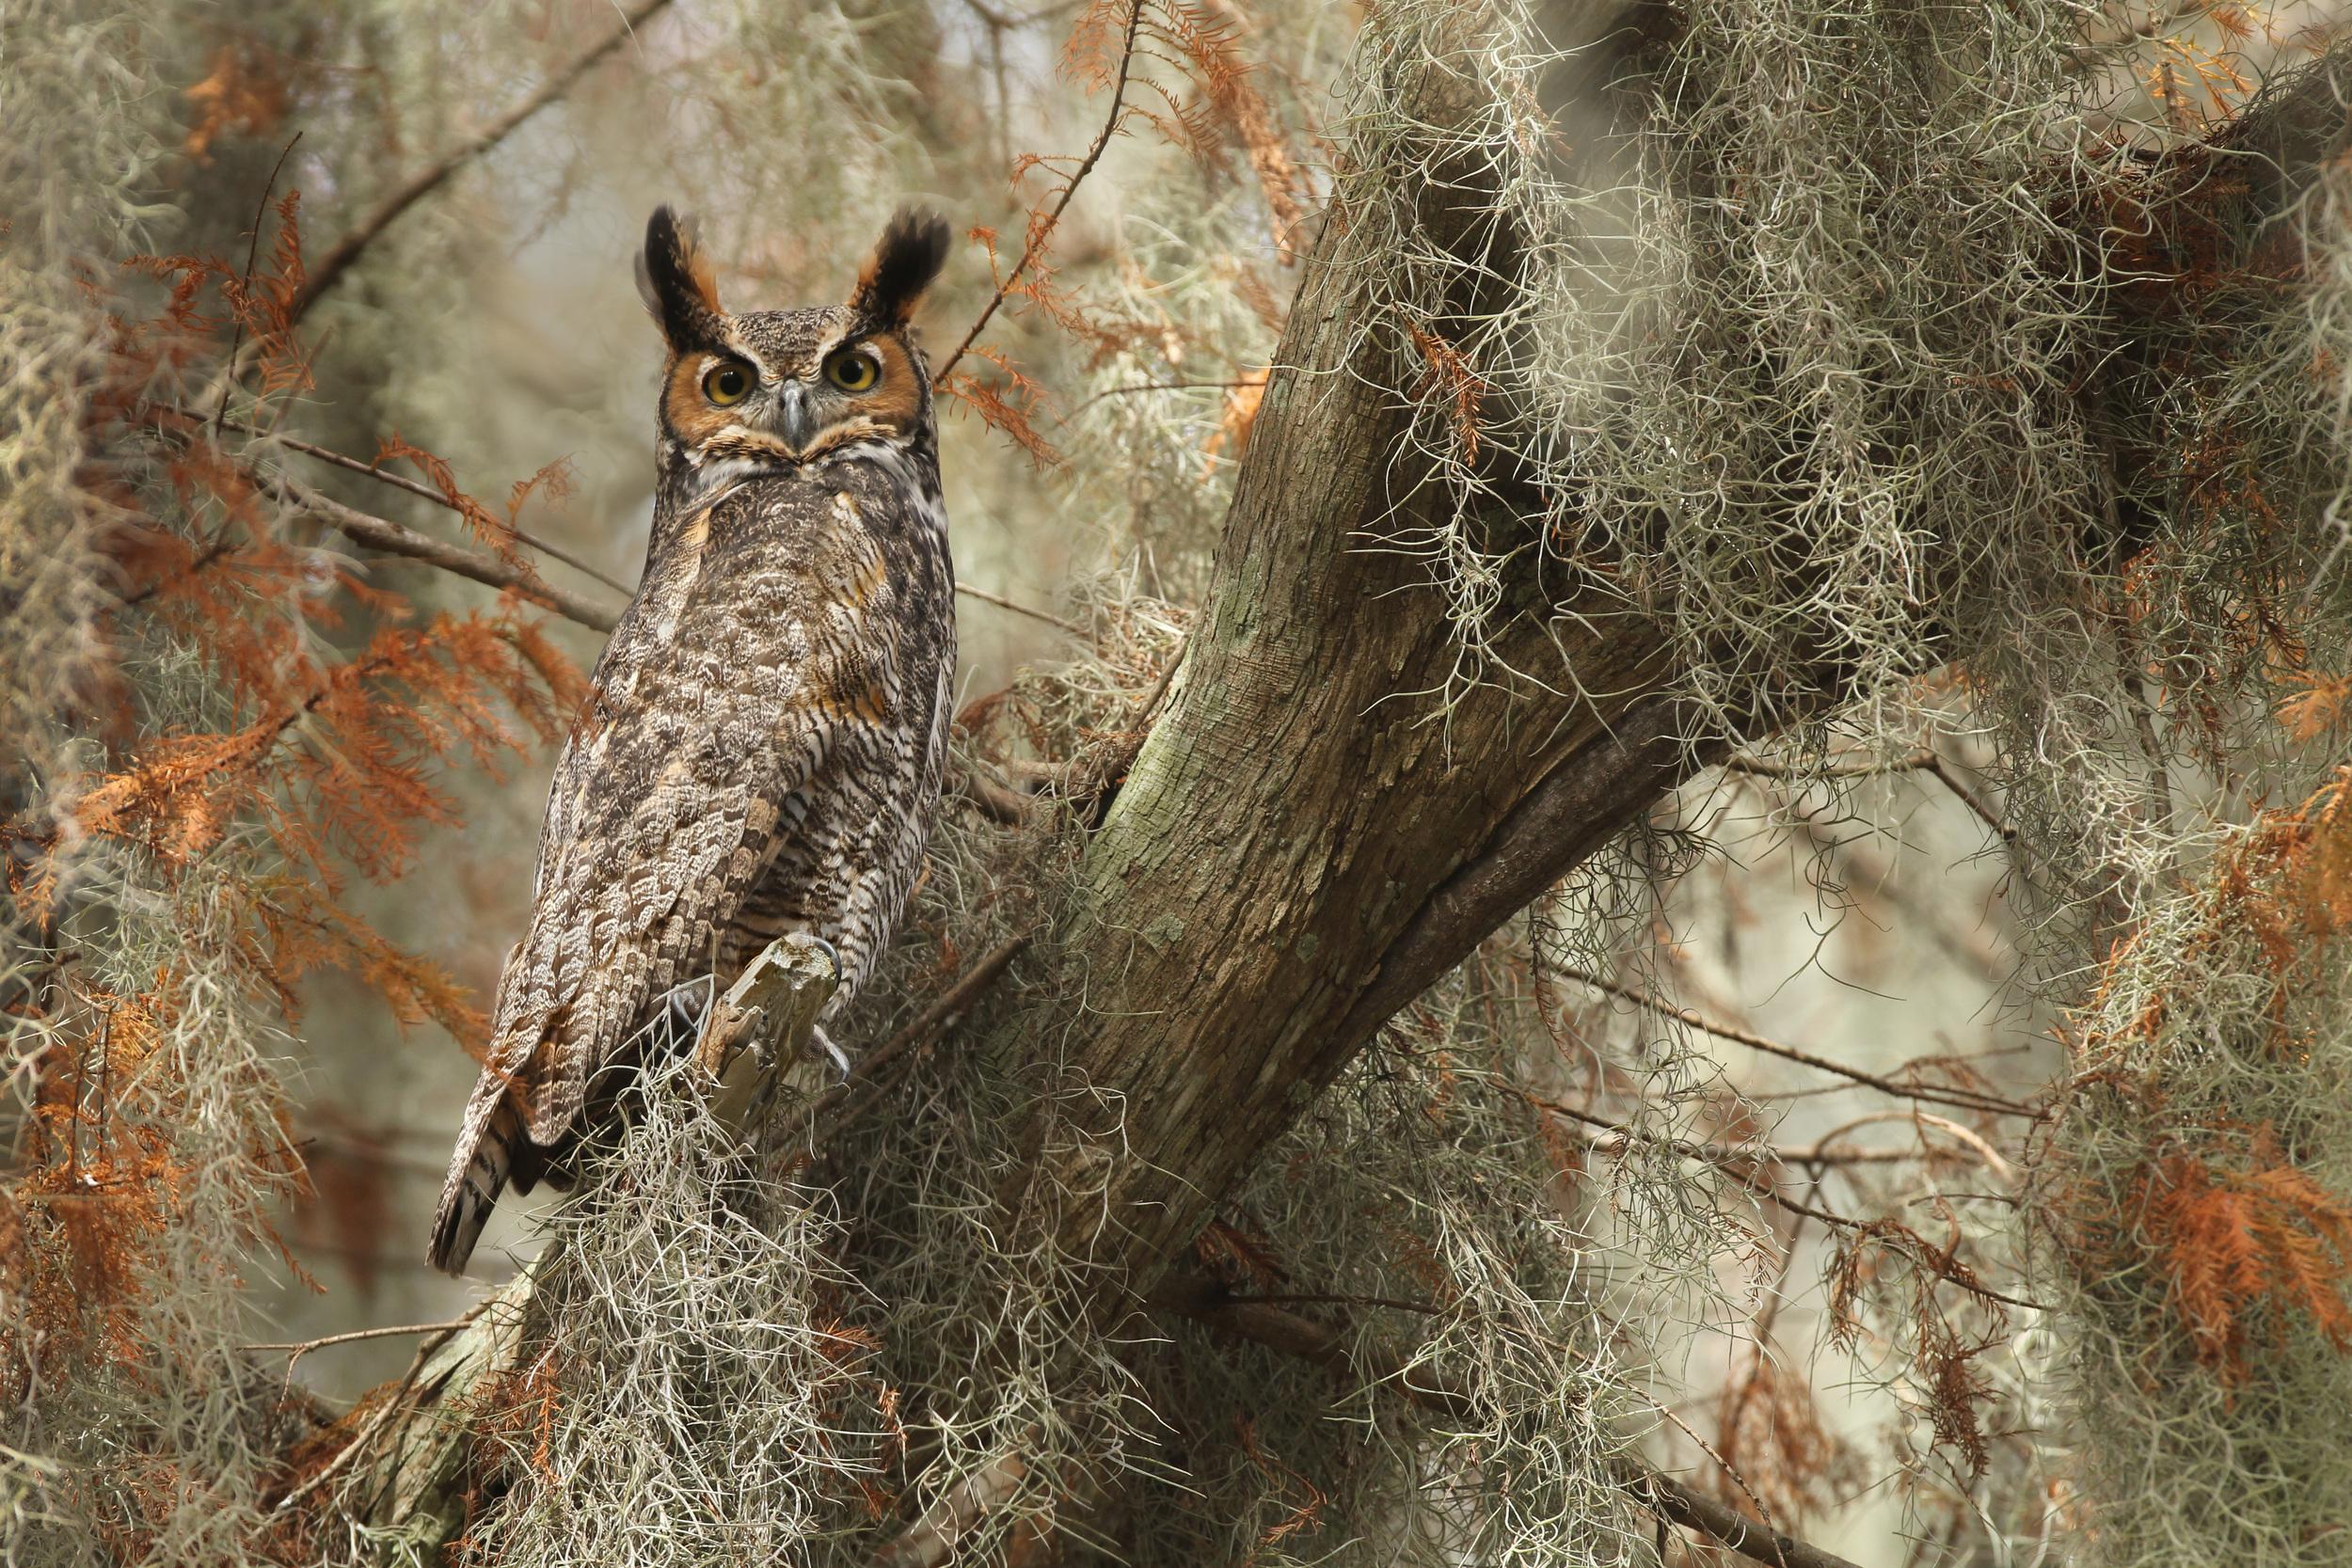 lake_toho_great-horned_owl_EI8C0192415b.jpg